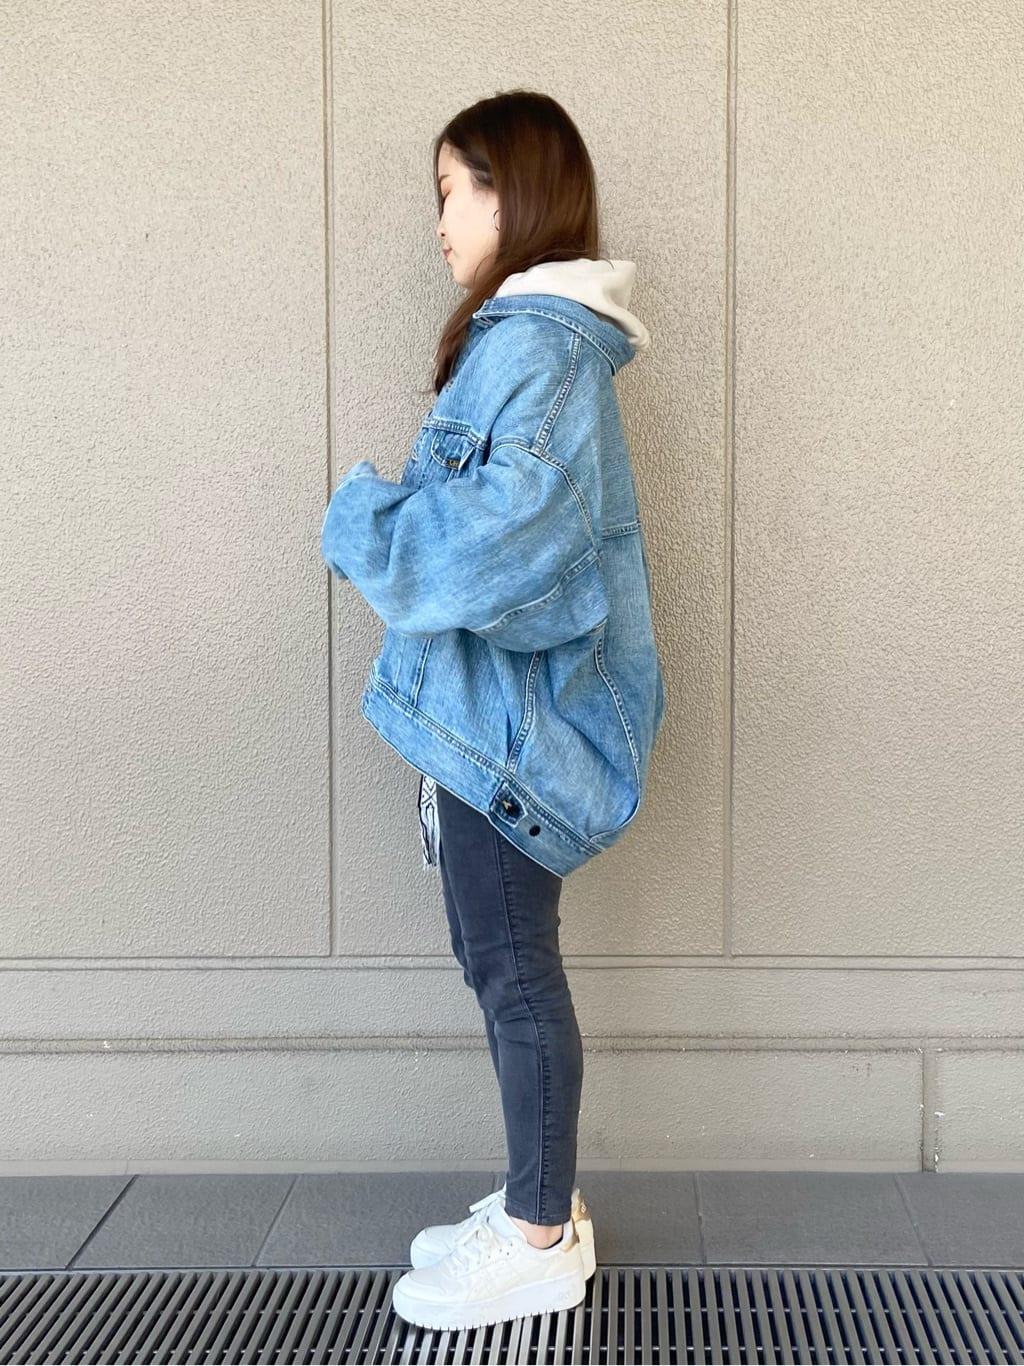 ルクア大阪のRunaさんのLeeの【ユニセックス】ミニロゴ刺繍 フーディ/パーカーを使ったコーディネート